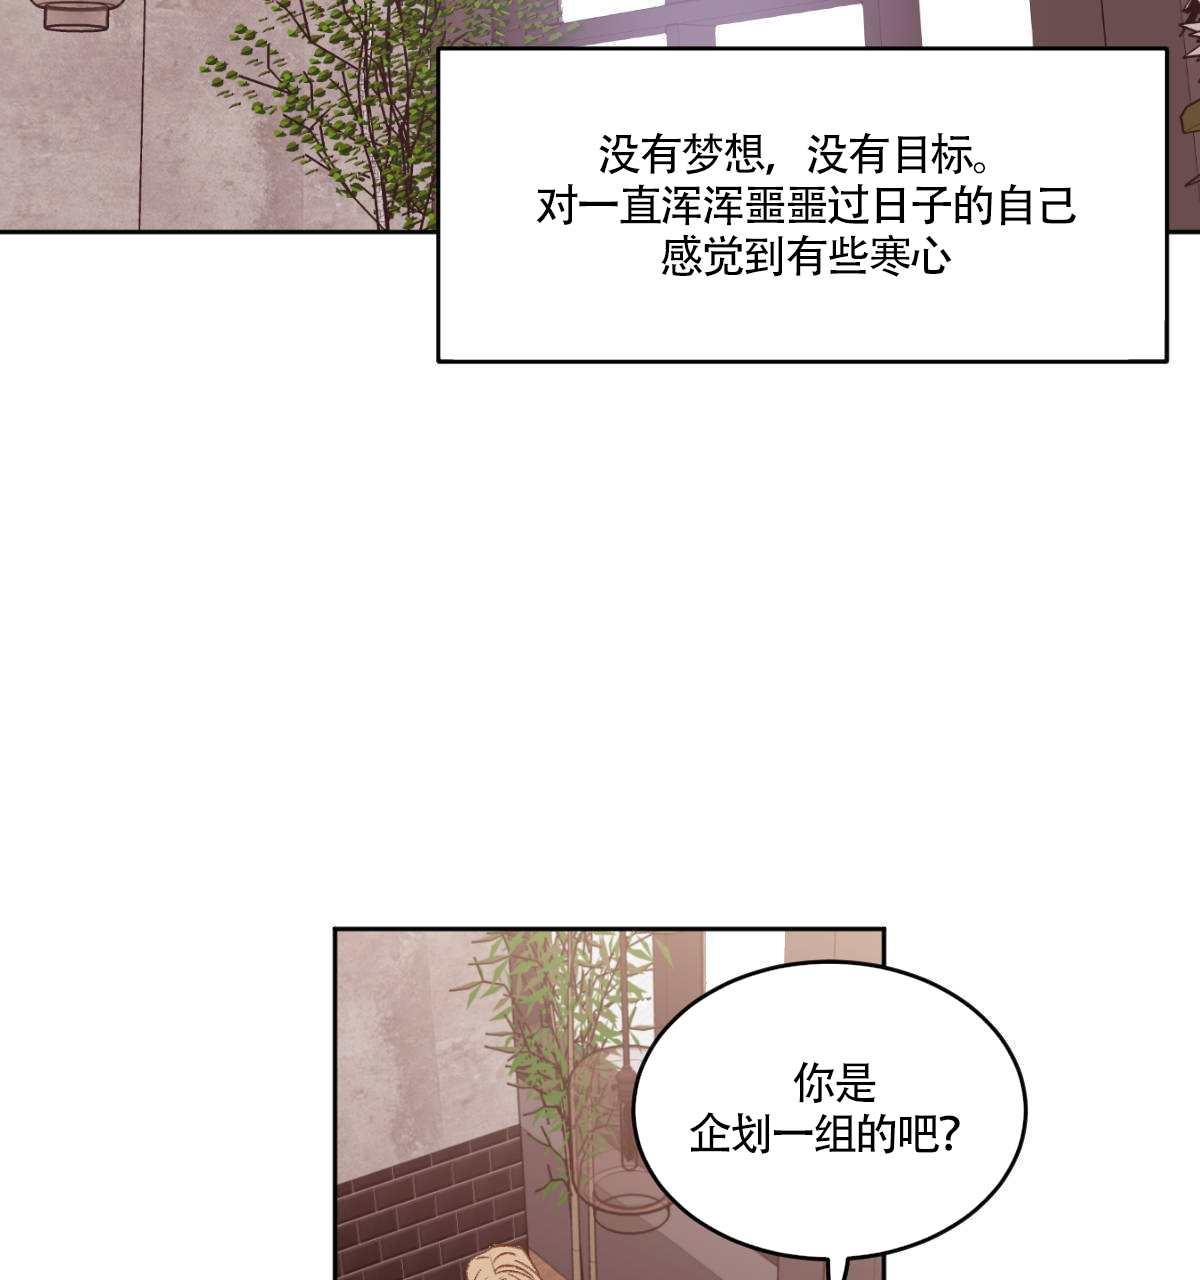 韩漫《新入职员》撩走办公室最可怕的大魔王!  第32张